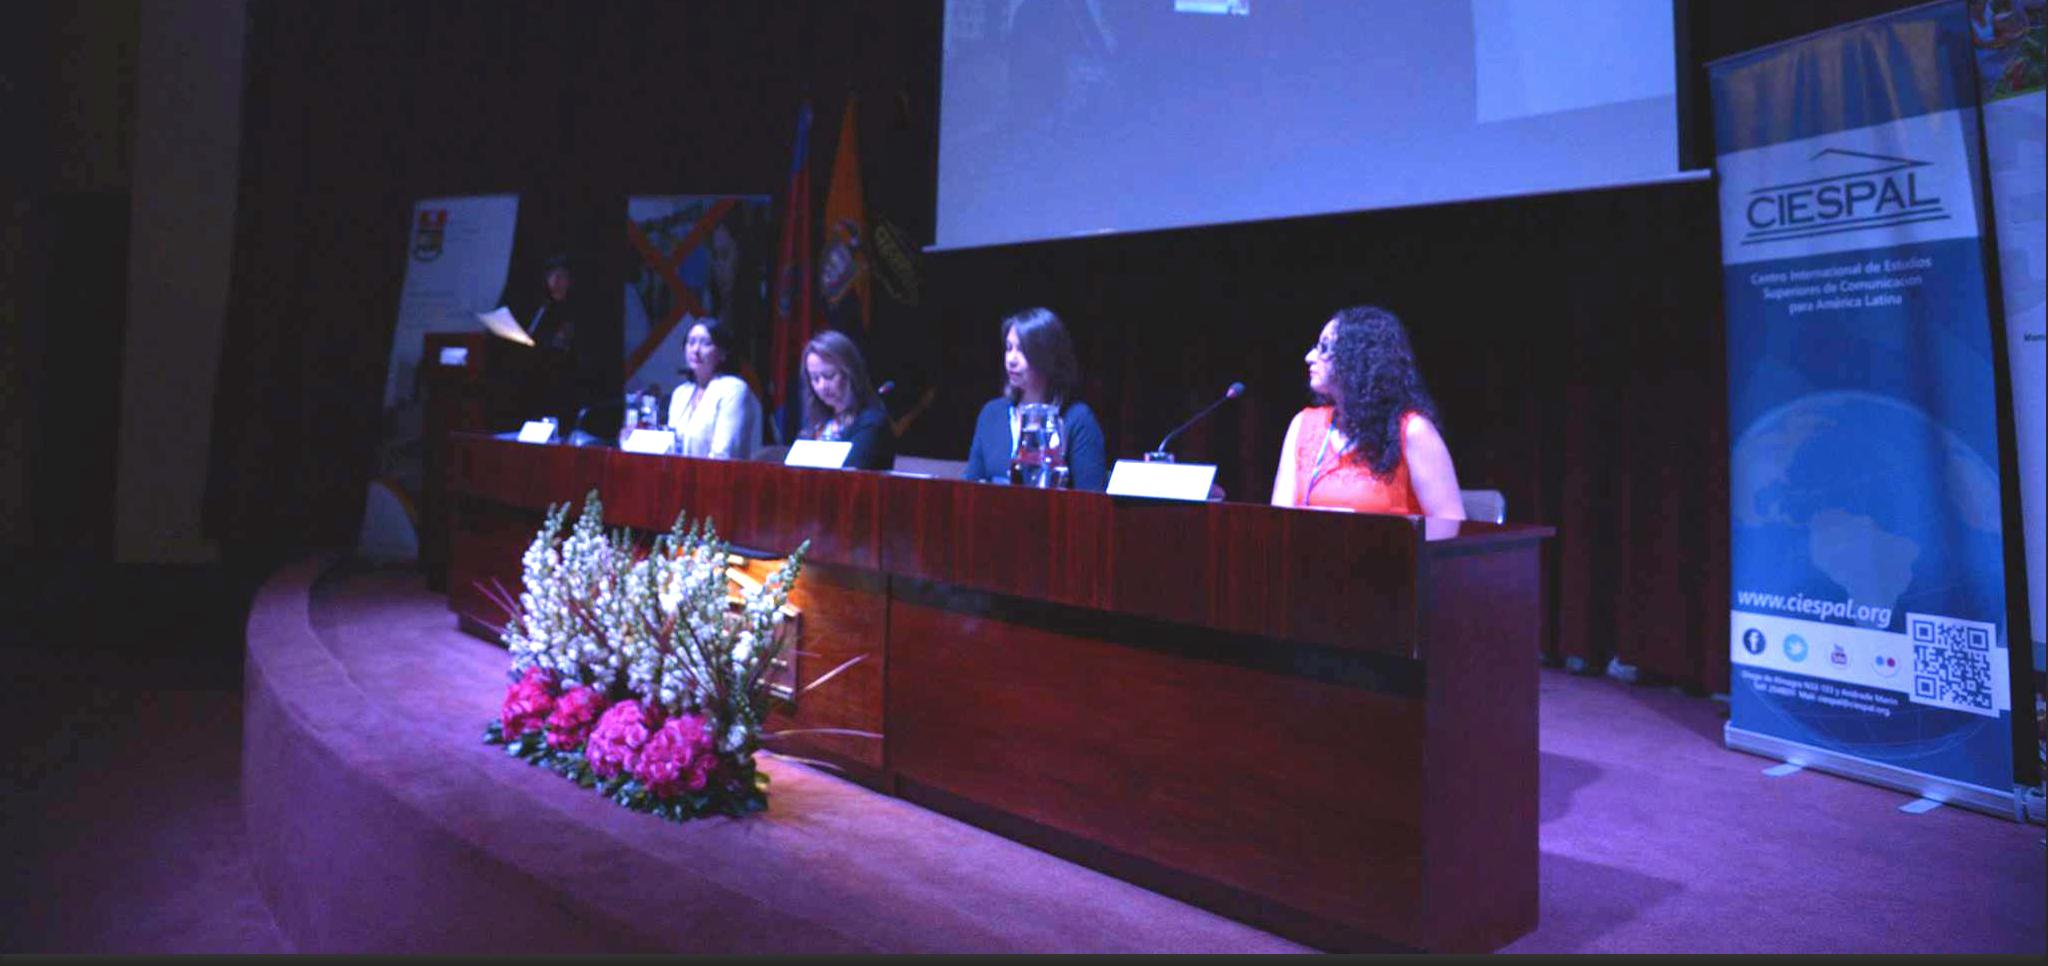 La inauguración de Primer Seminario Internacional Impacto de las mujeres en la ciencia reunió a científicas iberoamericanas en CIESPAL